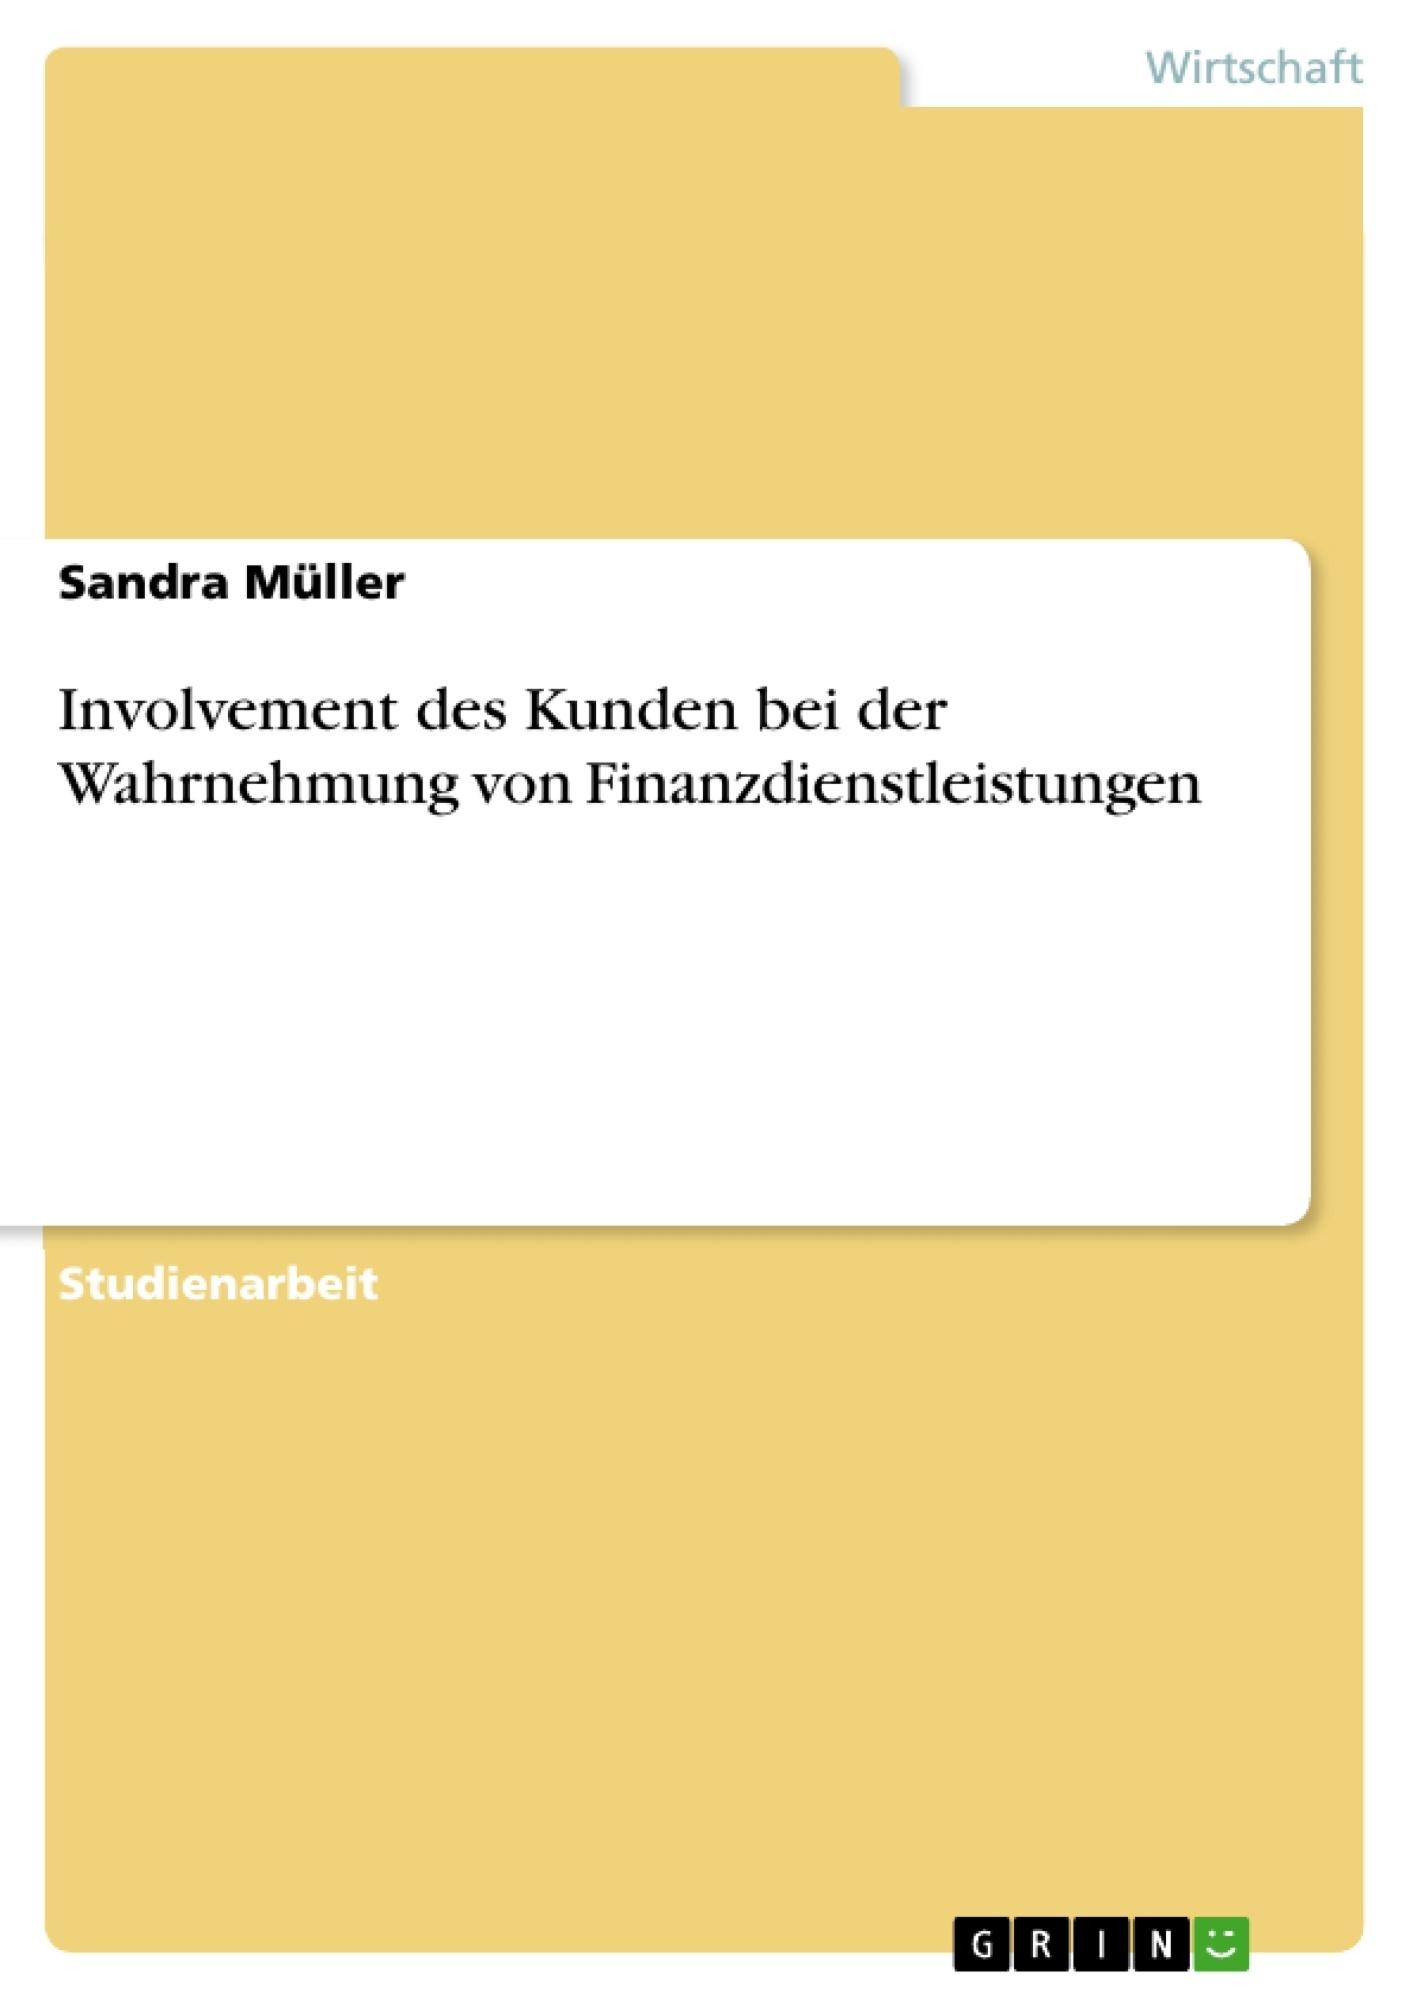 Titel: Involvement des Kunden bei der Wahrnehmung von Finanzdienstleistungen